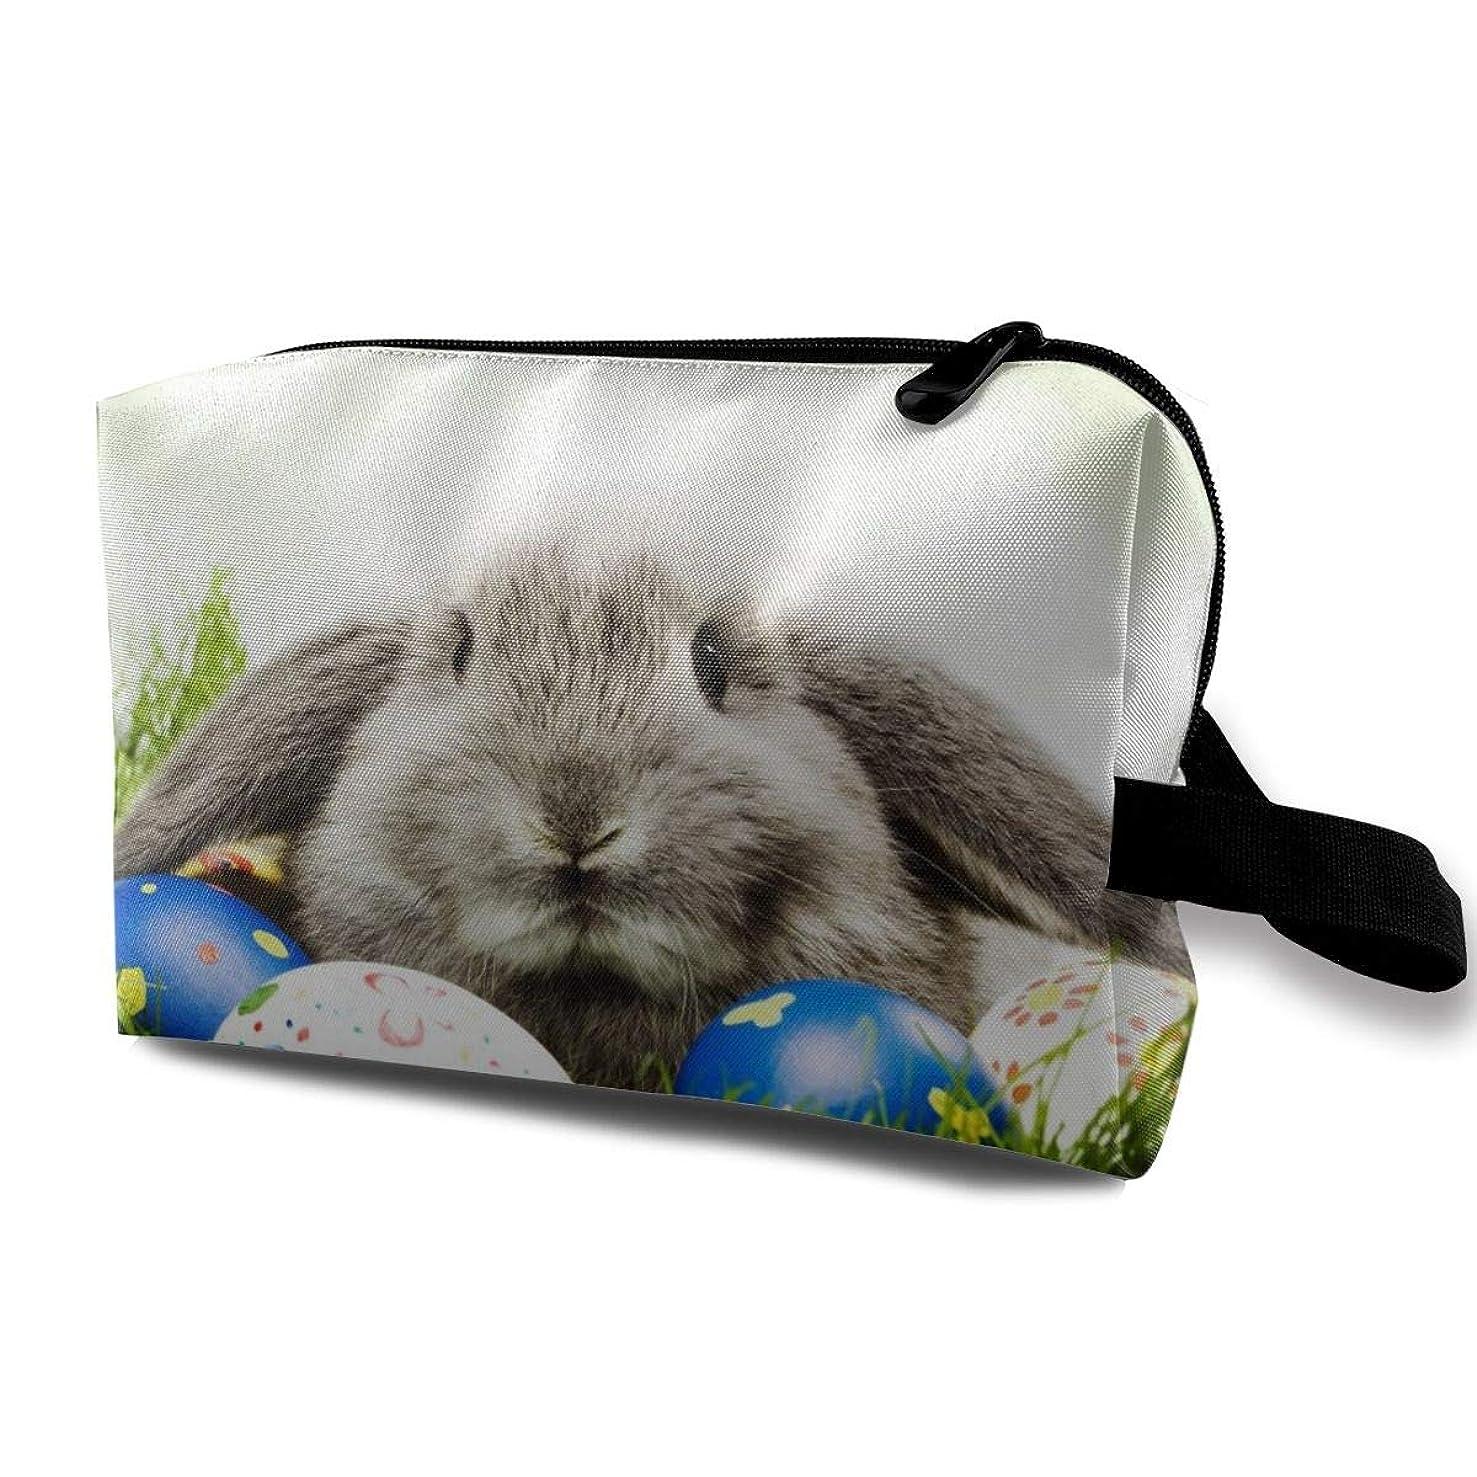 八百屋エゴマニア損なうHappy Easter Bunny 収納ポーチ 化粧ポーチ 大容量 軽量 耐久性 ハンドル付持ち運び便利。入れ 自宅?出張?旅行?アウトドア撮影などに対応。メンズ レディース トラベルグッズ